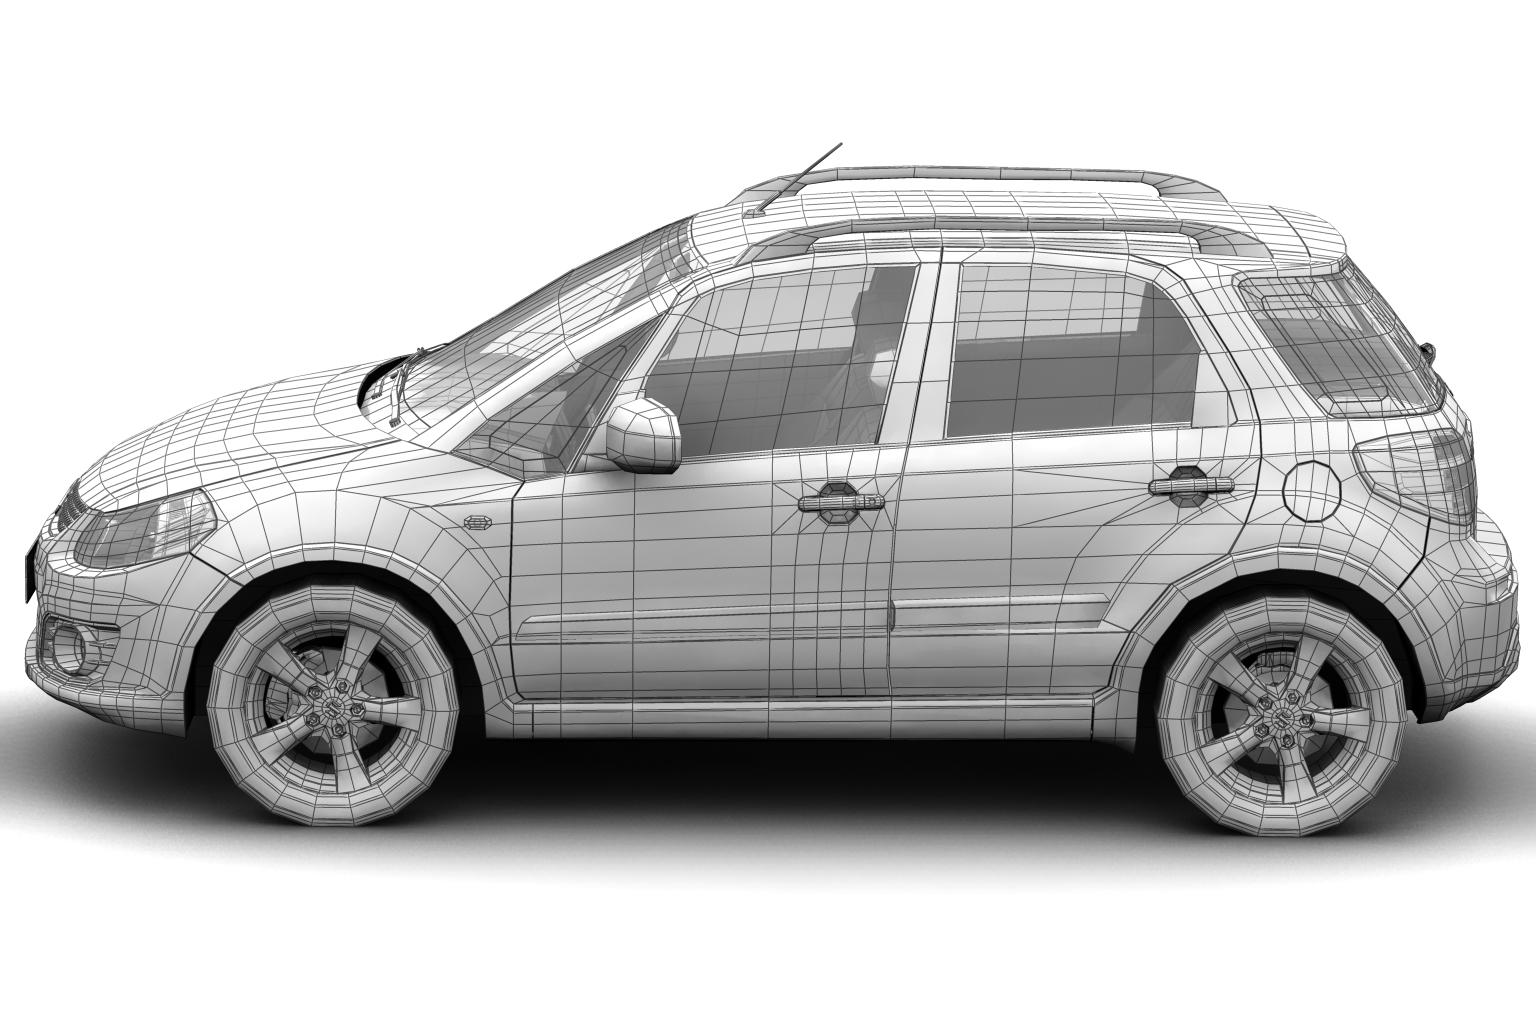 2011 suzuki sx4 model 3d 3ds max fbx c4d lwo hrc xsi obj 136234